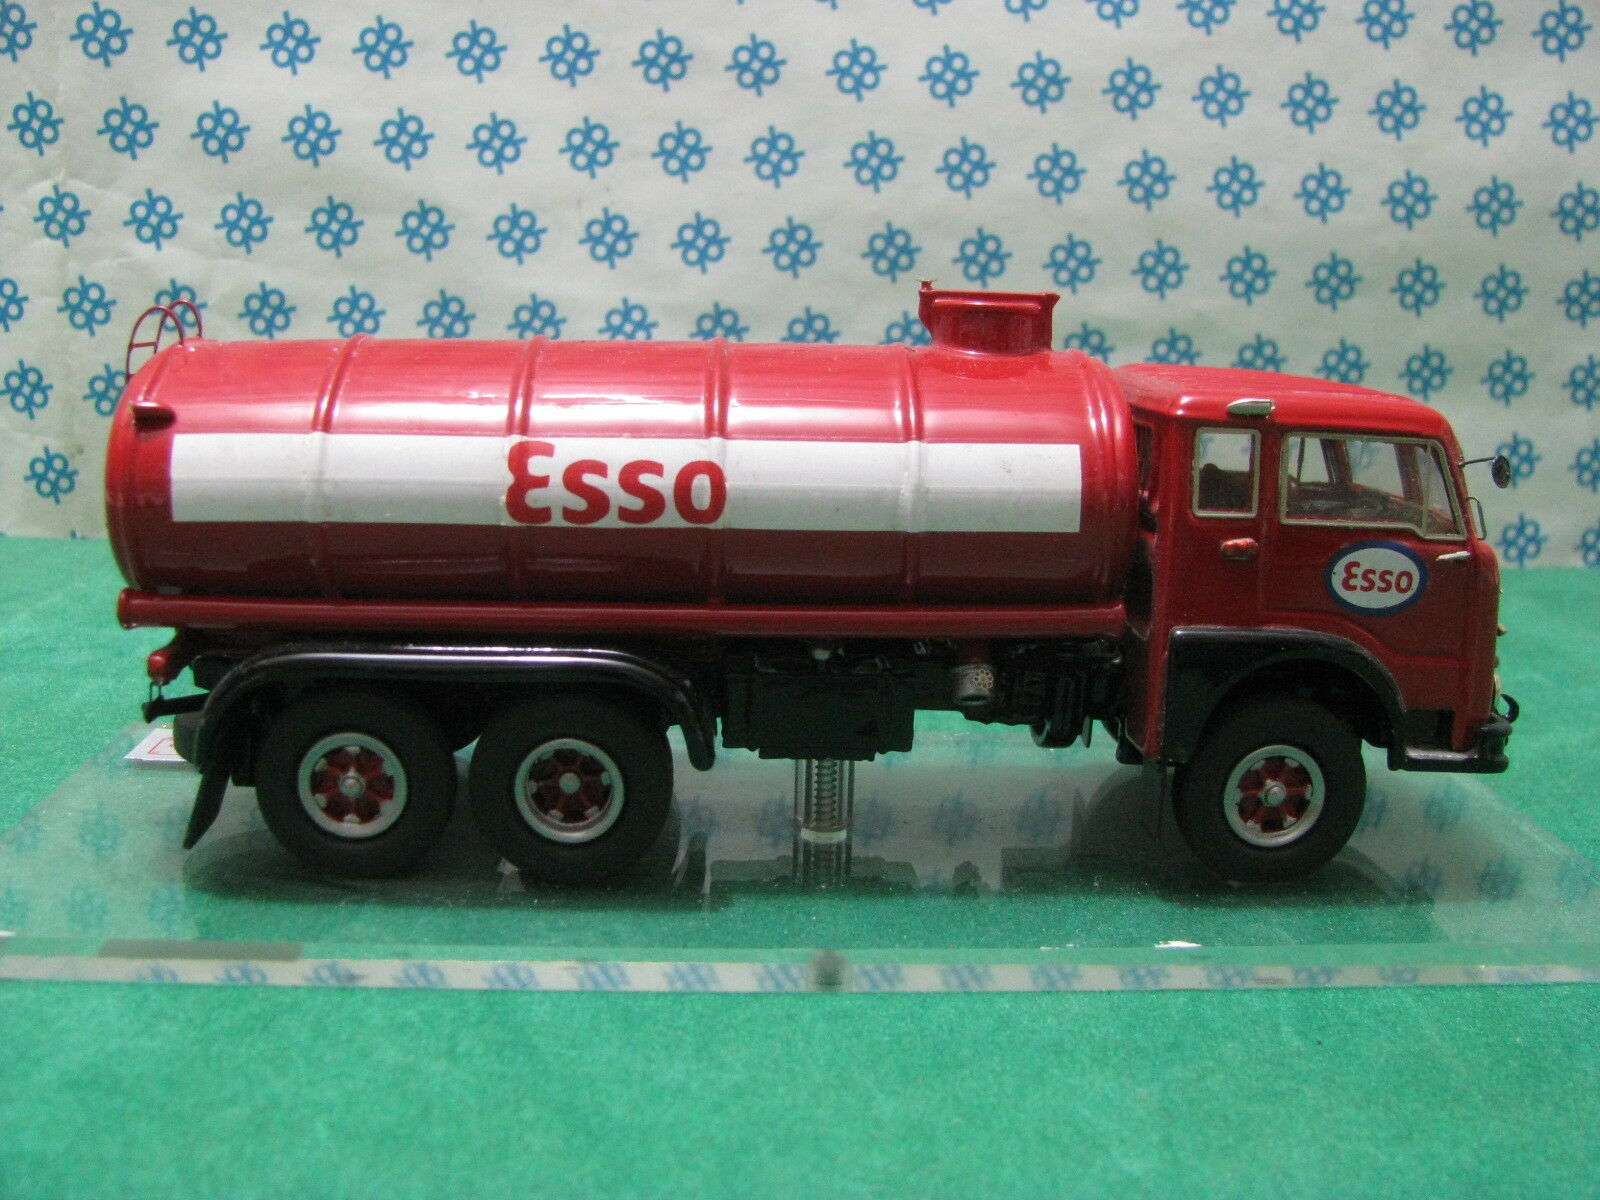 FIAT 682 N2 Camion Citerne ESSO 3-Axes 3-Axes 3-Axes 1/43 CB Modèles ( Gila modèles Elite) | Pour Votre Sélection  | Art Exquis  8922d2